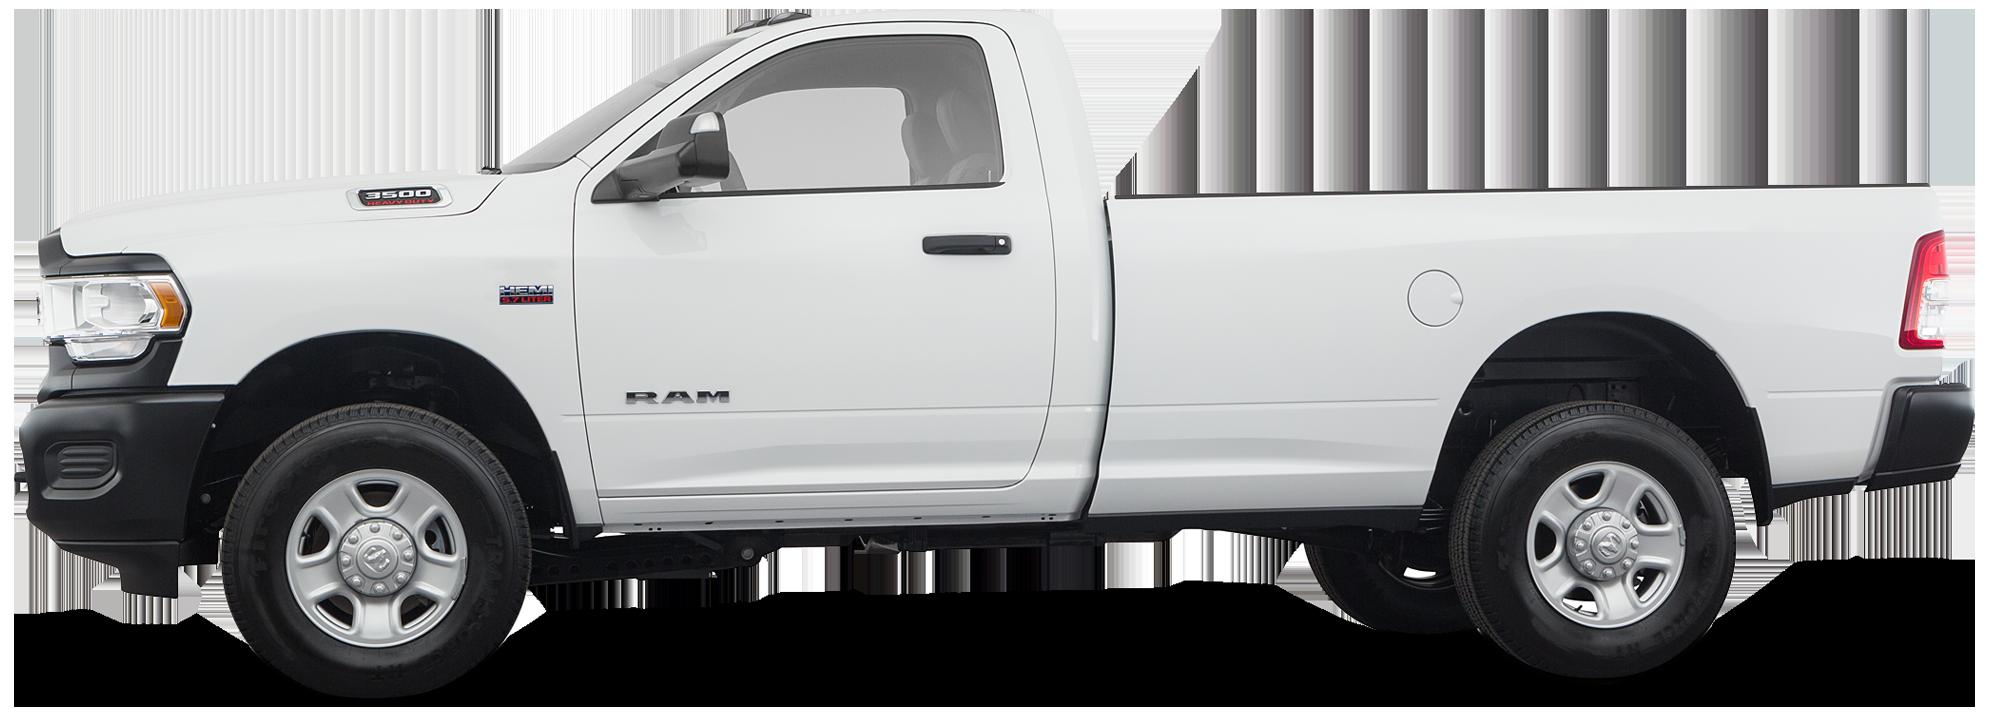 2020 Ram 3500 Camion Tradesman